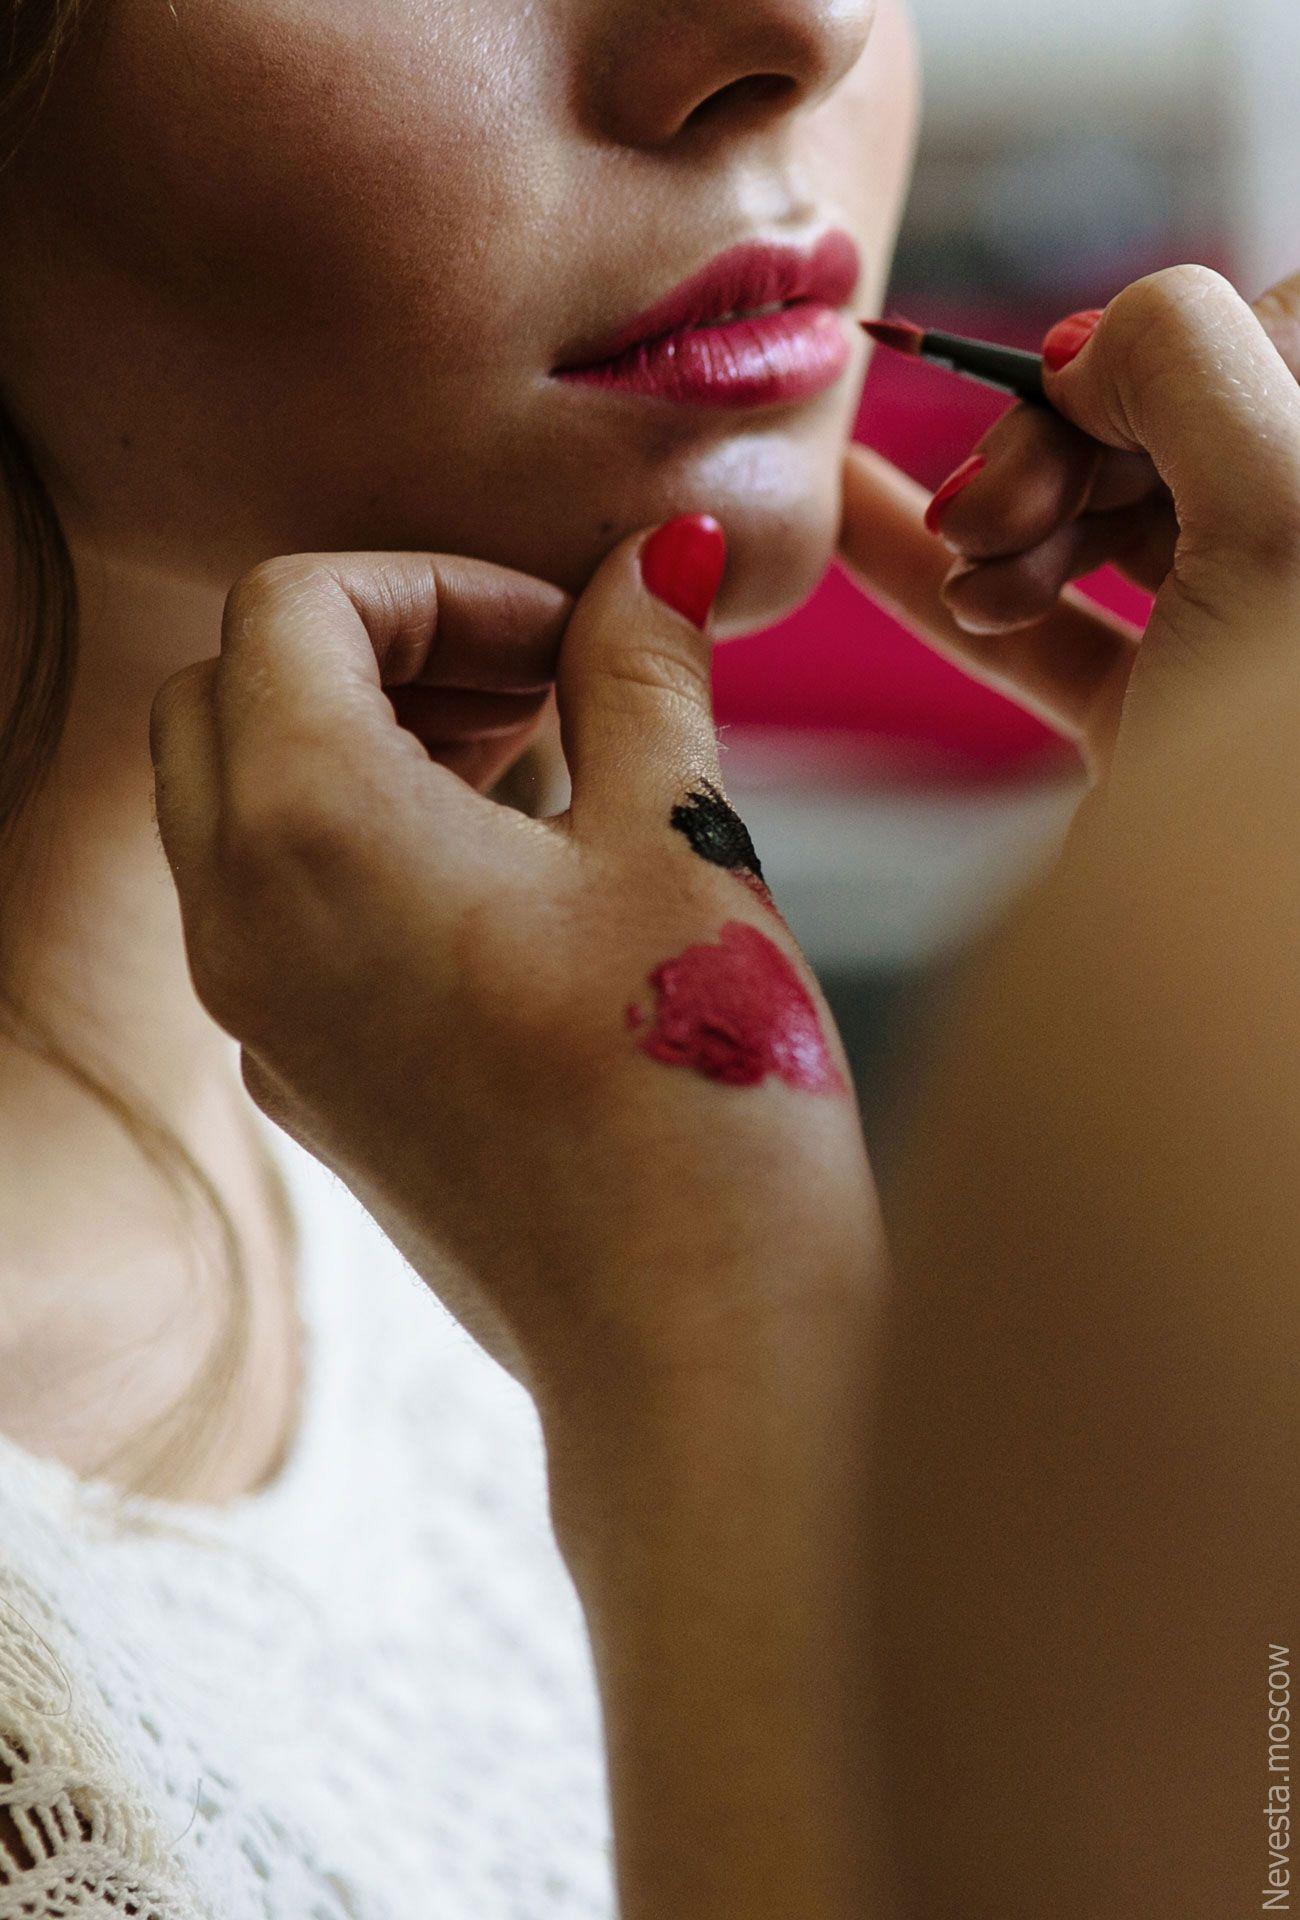 Сиренево-фиолетовая гамма, стрелки, макияж стилист